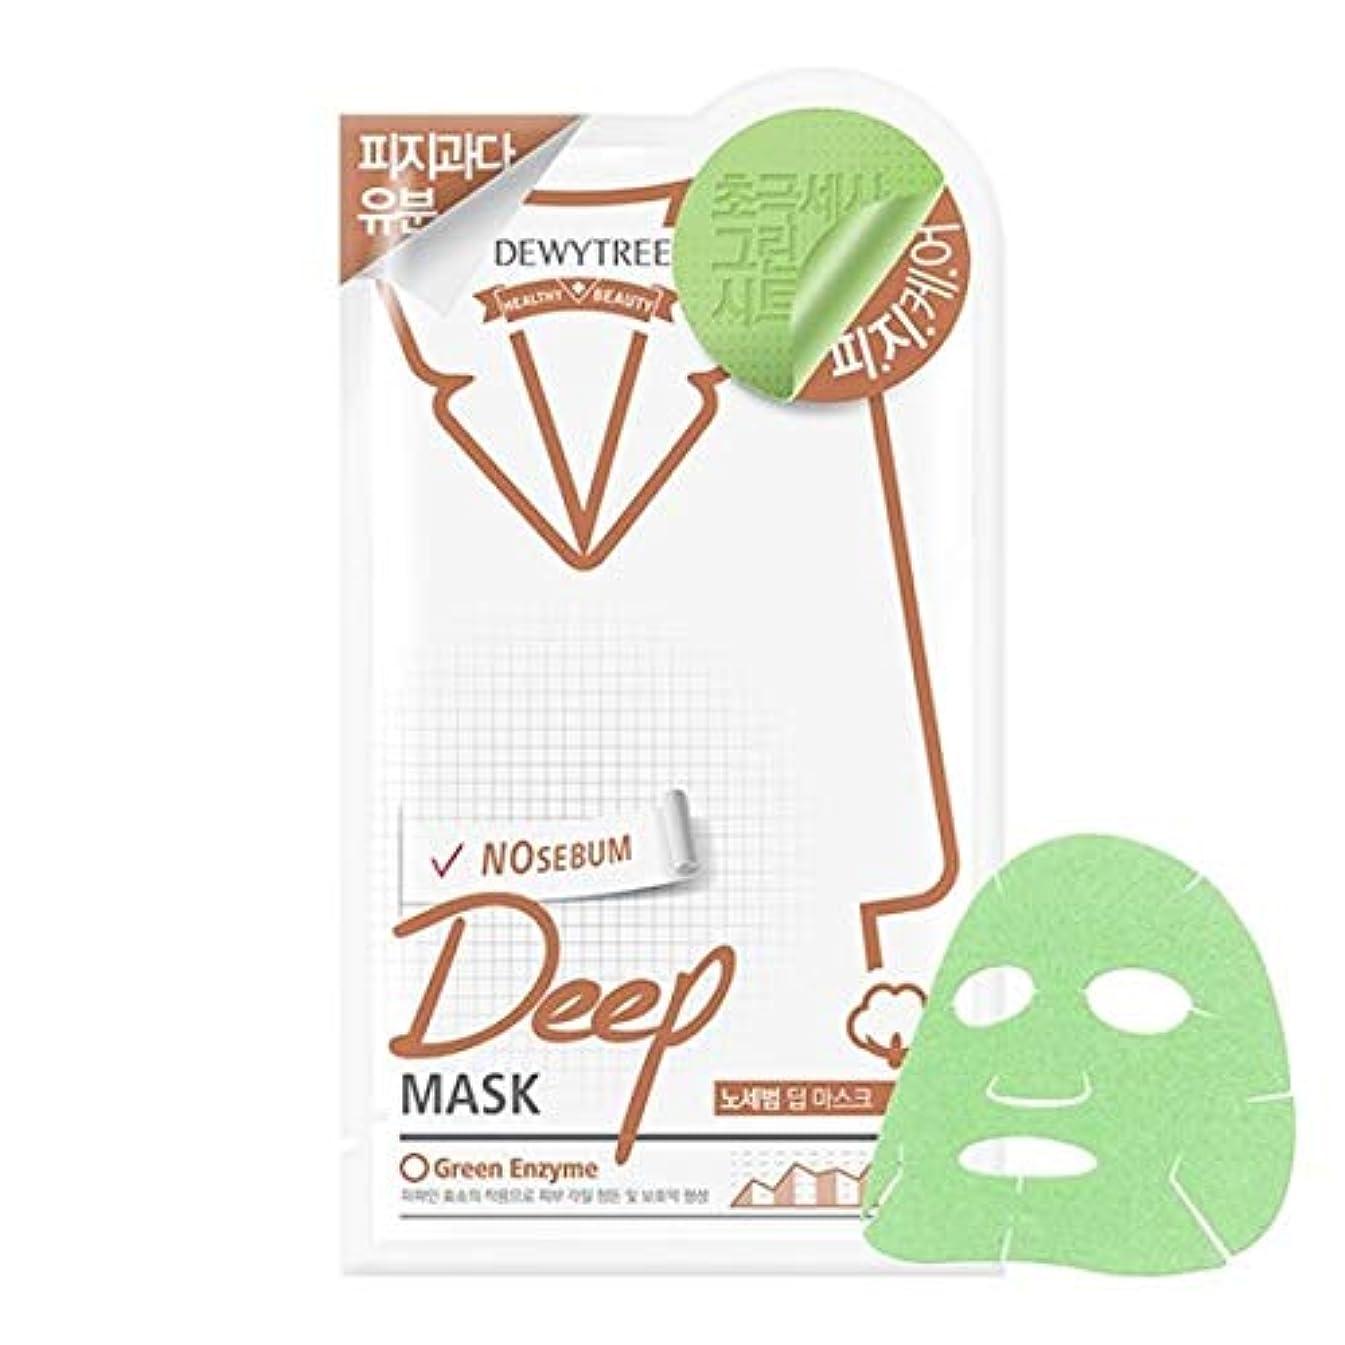 役割オセアニアレタス(デューイトゥリー) DEWYTREE ノセボムディープマスク 20枚 Nosebum Deep Mask 韓国マスクパック (並行輸入品)